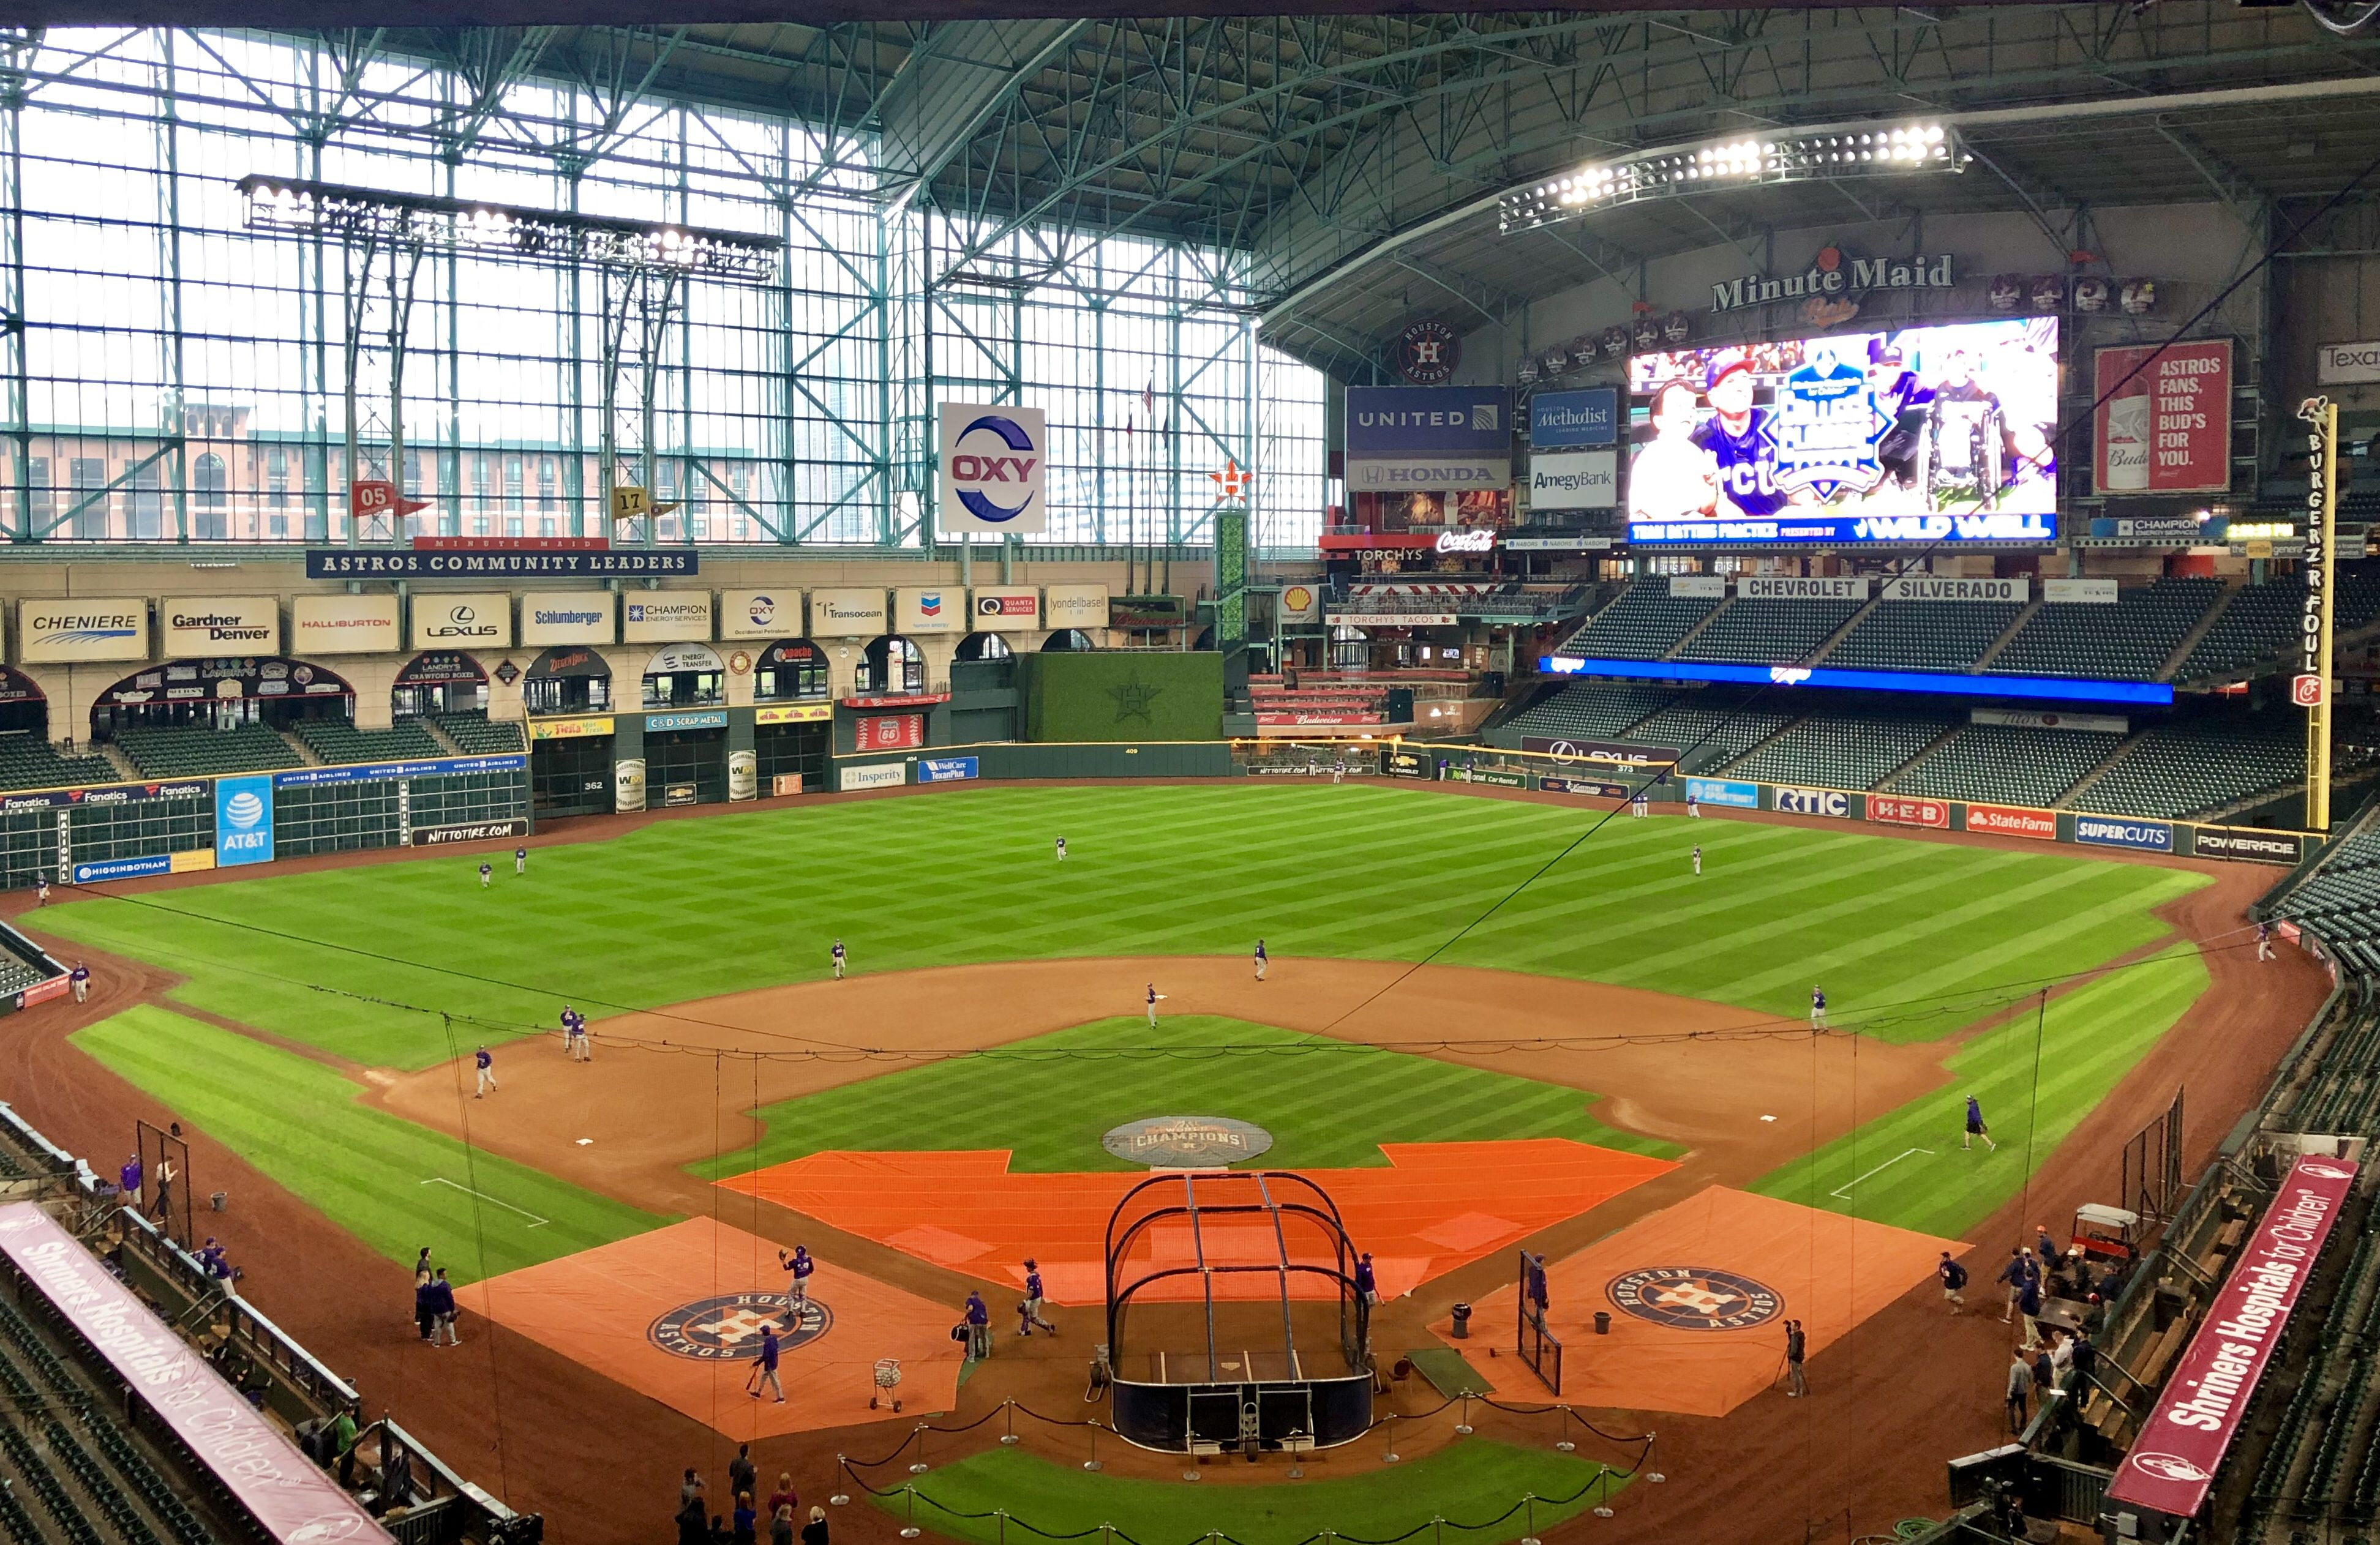 Houston Astros Ball Park Minute Maid Park Mlb Stadiums Minute Maid